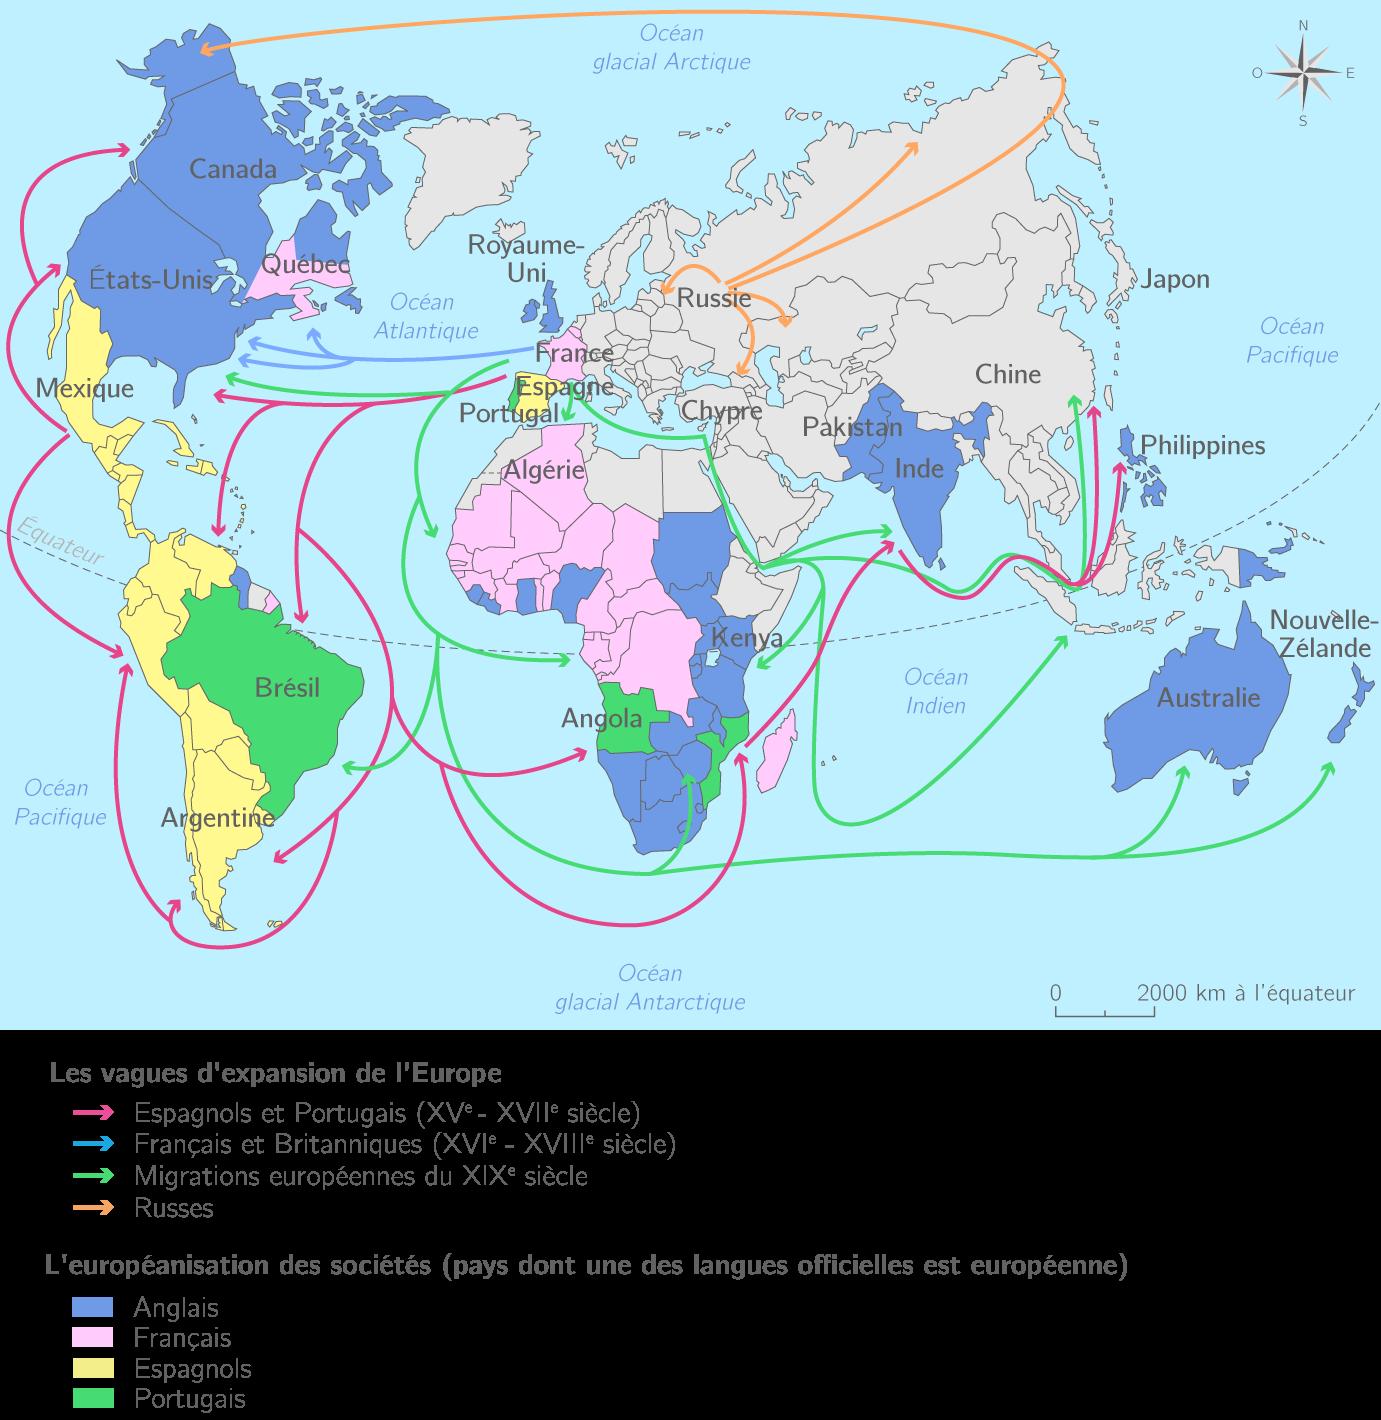 L'européanisation du monde au XIXe siècle